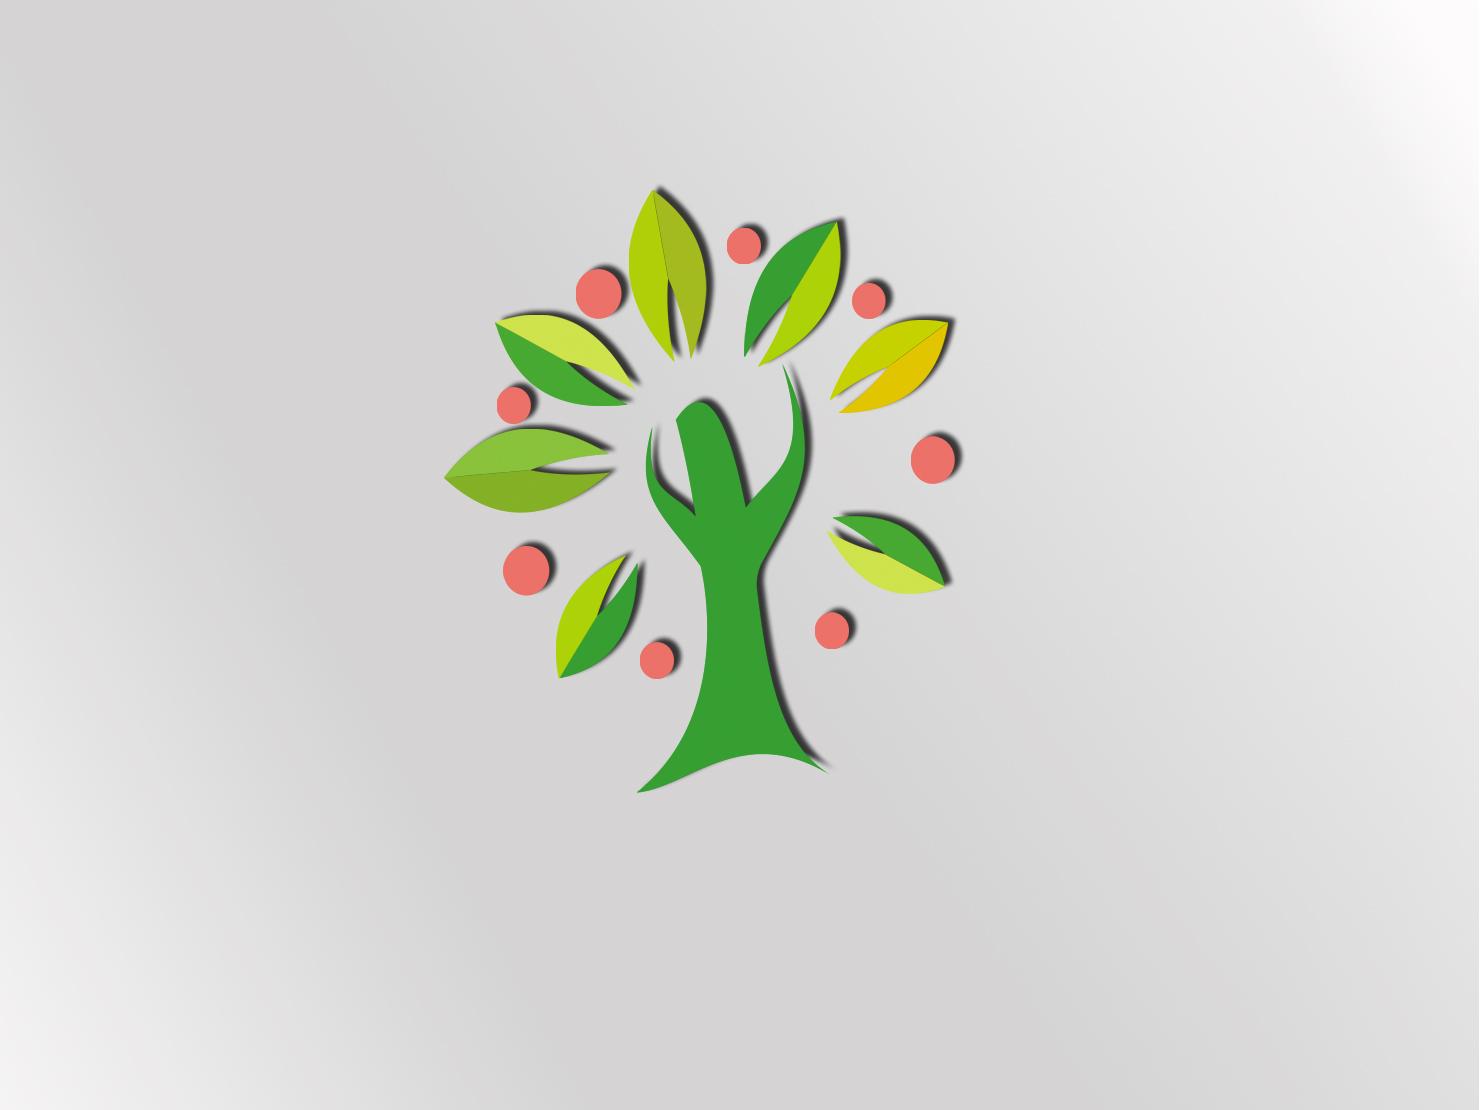 Go Green sore environmental design environment art branding design logodesign illustrator logodaily logo a day logo design logo